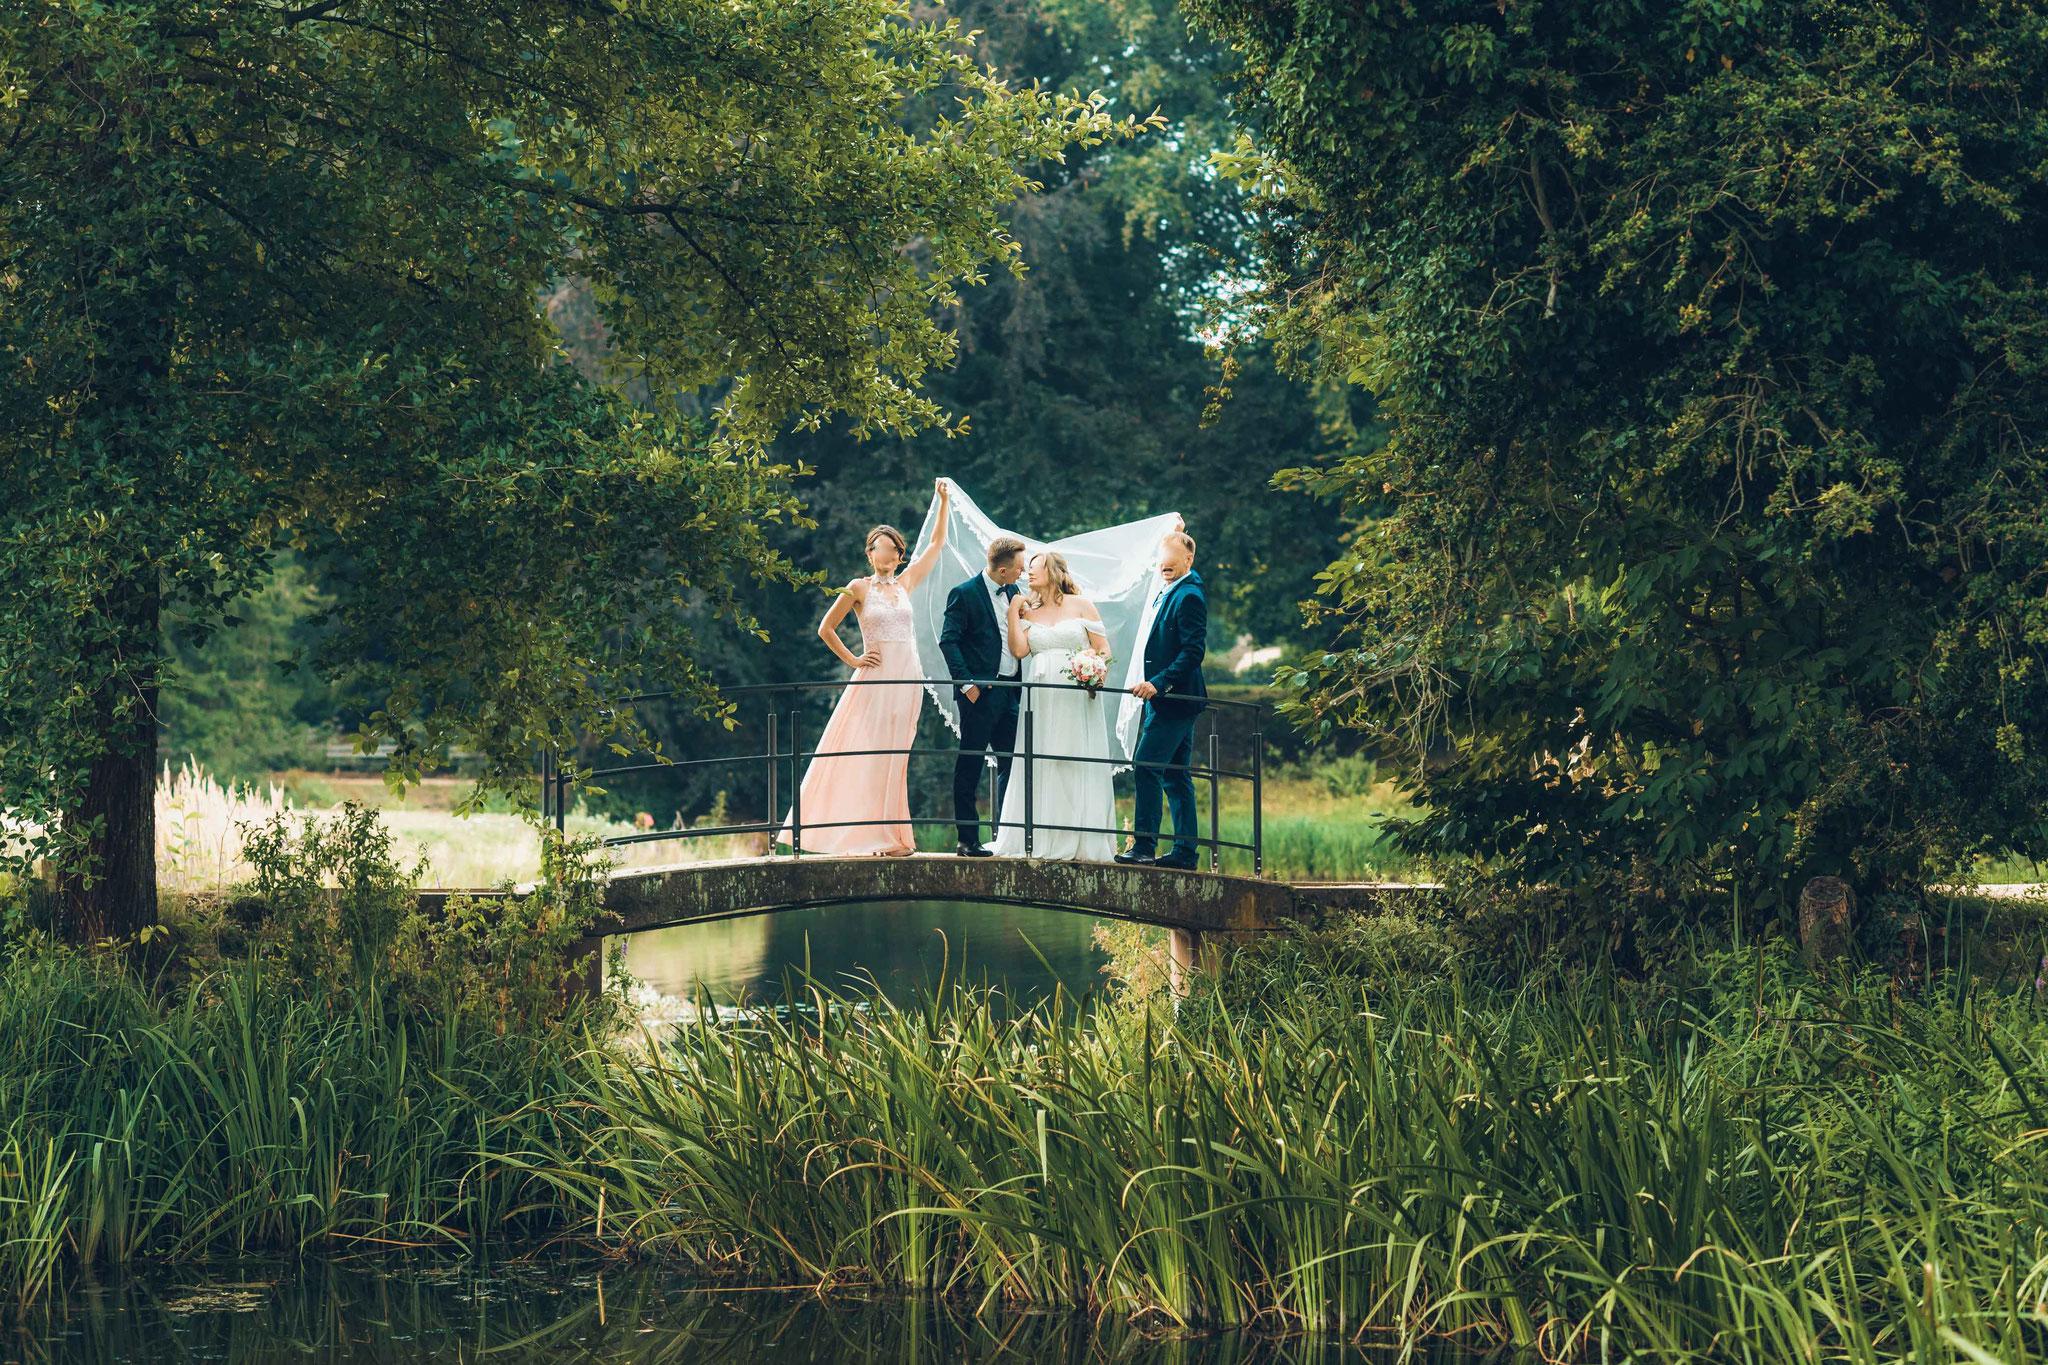 Romantisches Shooting mit der Braut, dem Bräutigam und den Trauzeugen